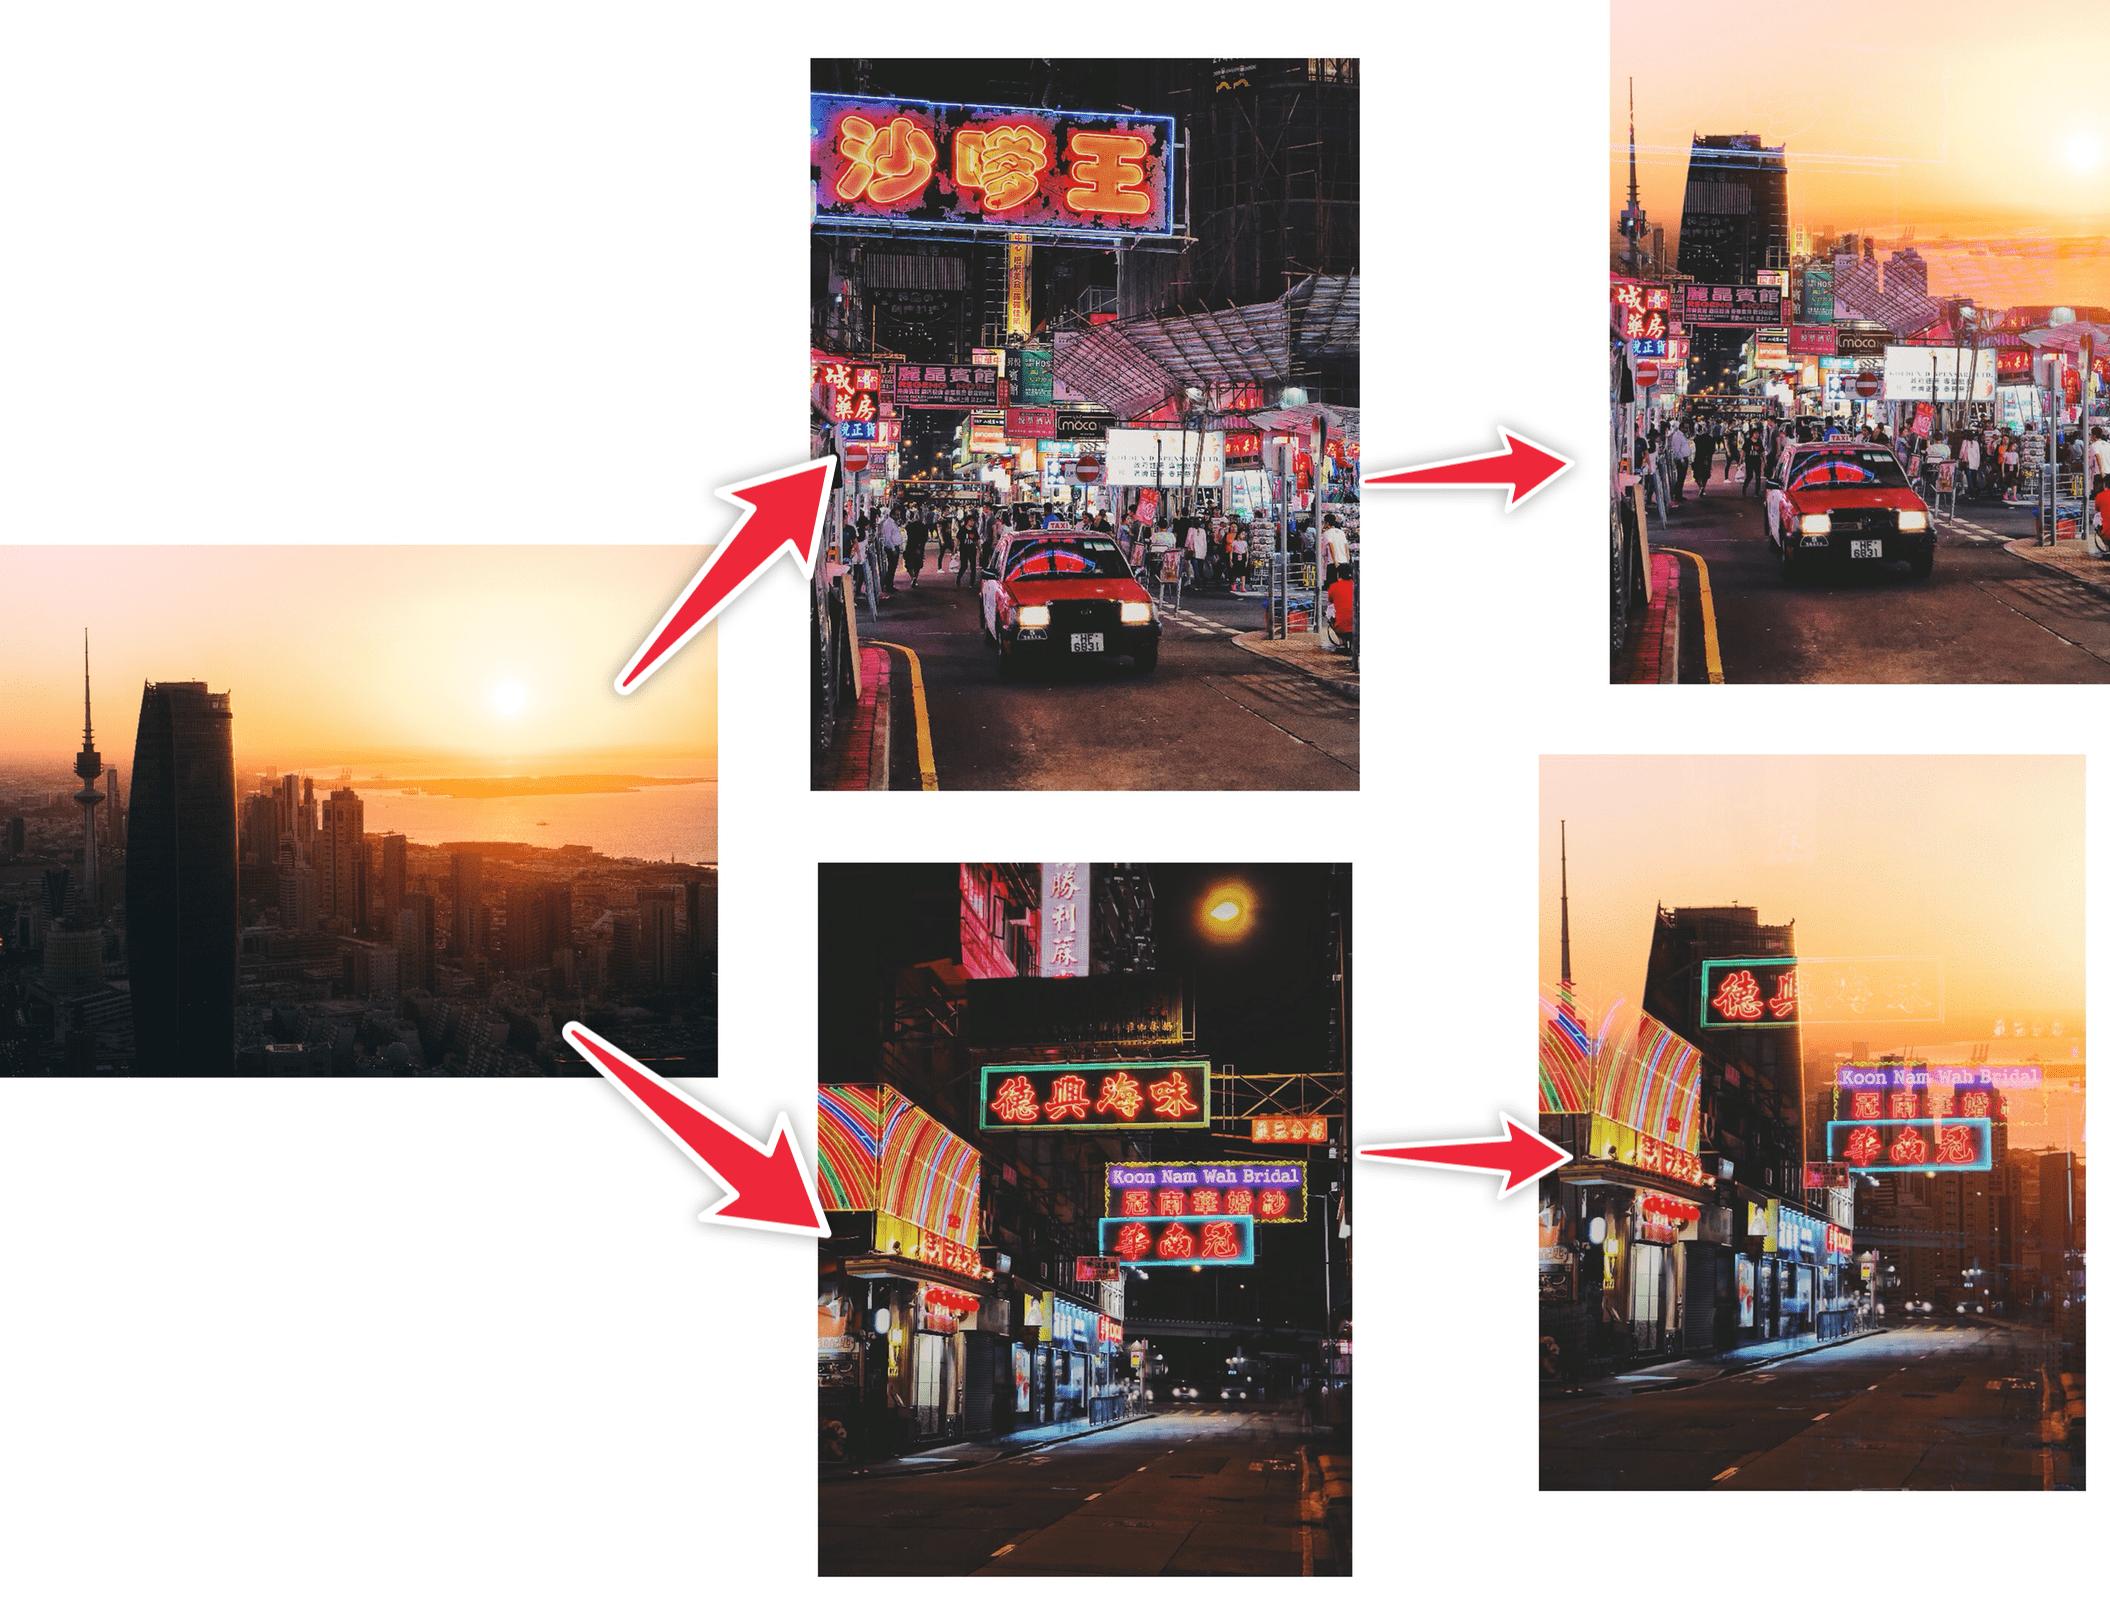 光暗对比强烈的照片双重曝光后效果较好